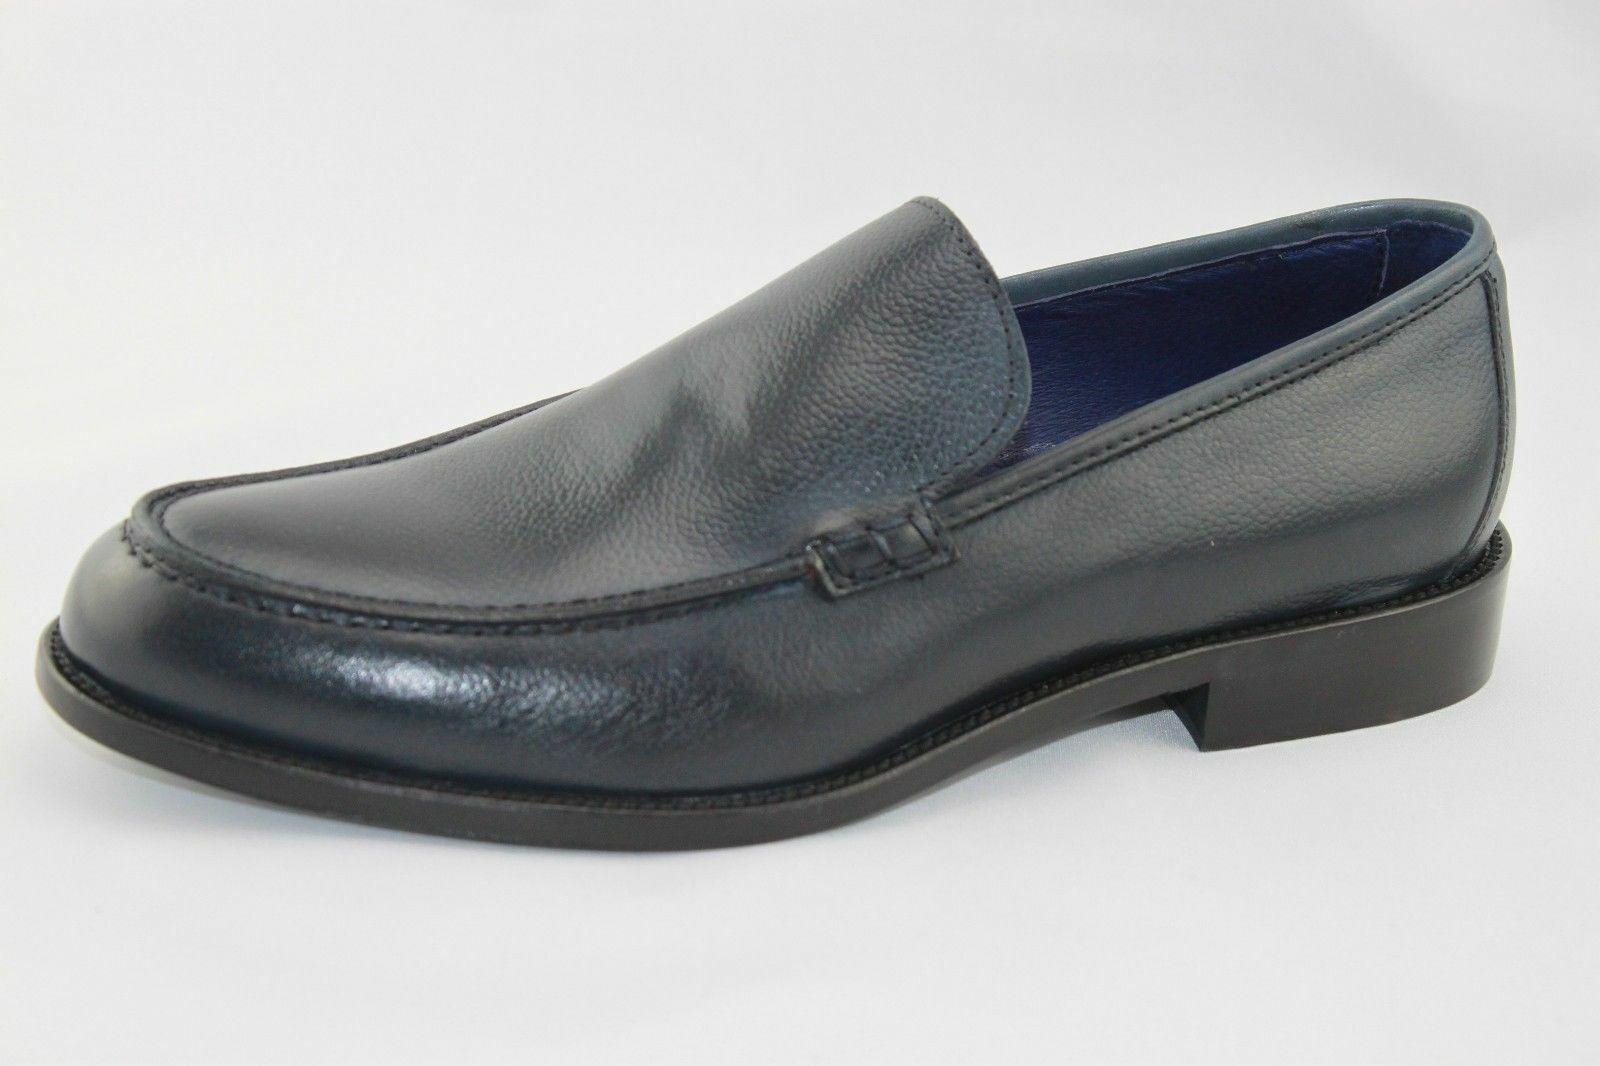 SCARPE BARBATI UOMO scarpe SC B311 BLU MIS.39 PP made in